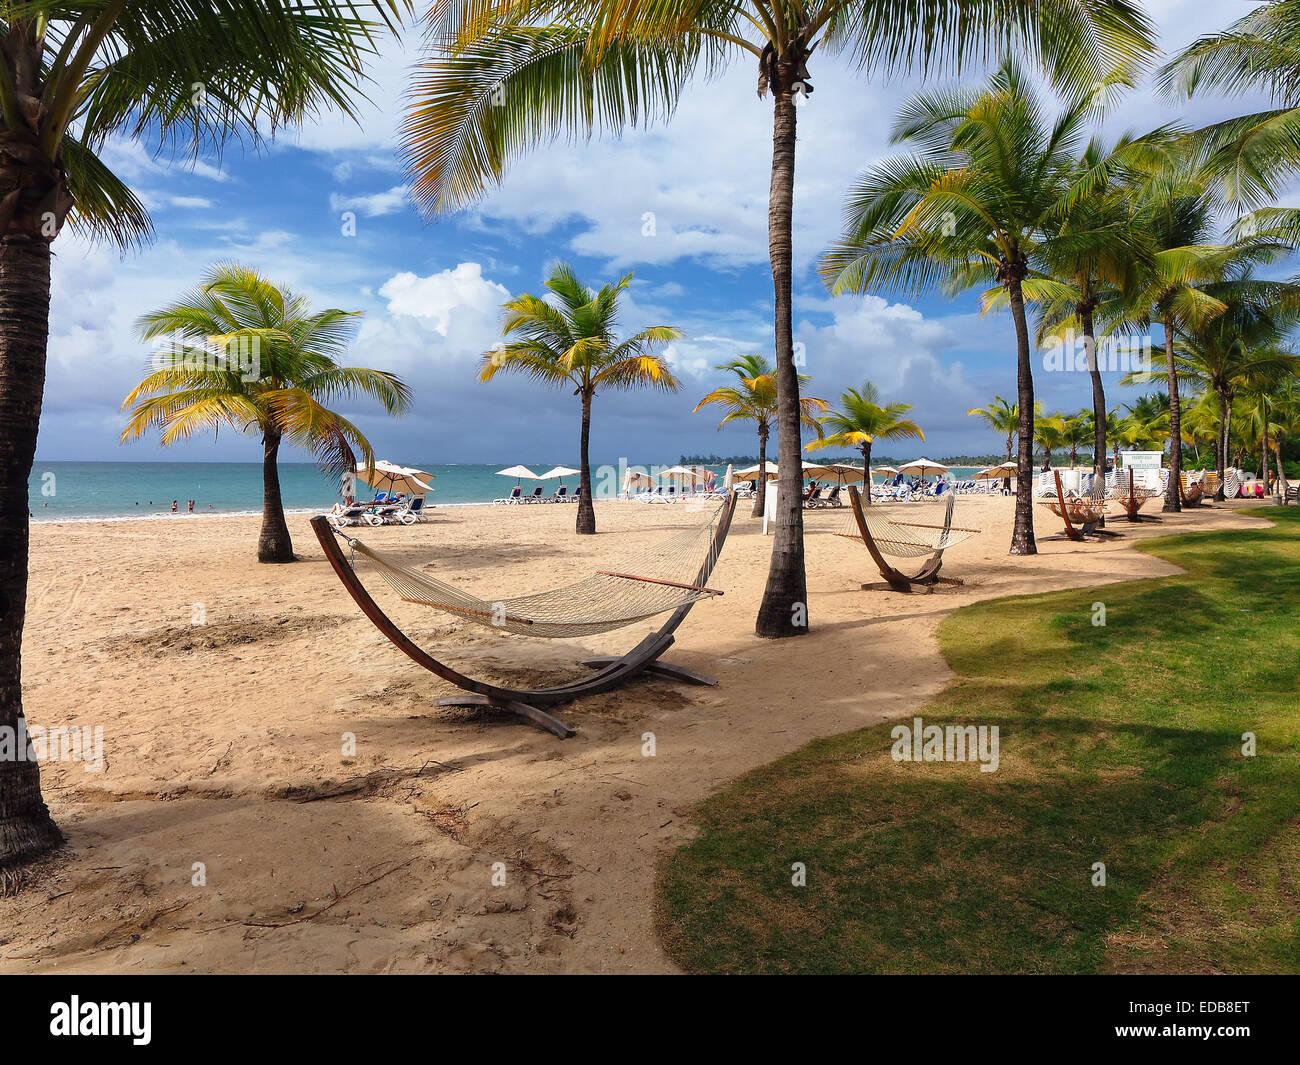 palm trees and hammocks carolina beach isla verde puerto rico palm trees and hammocks carolina beach isla verde puerto rico      rh   alamy